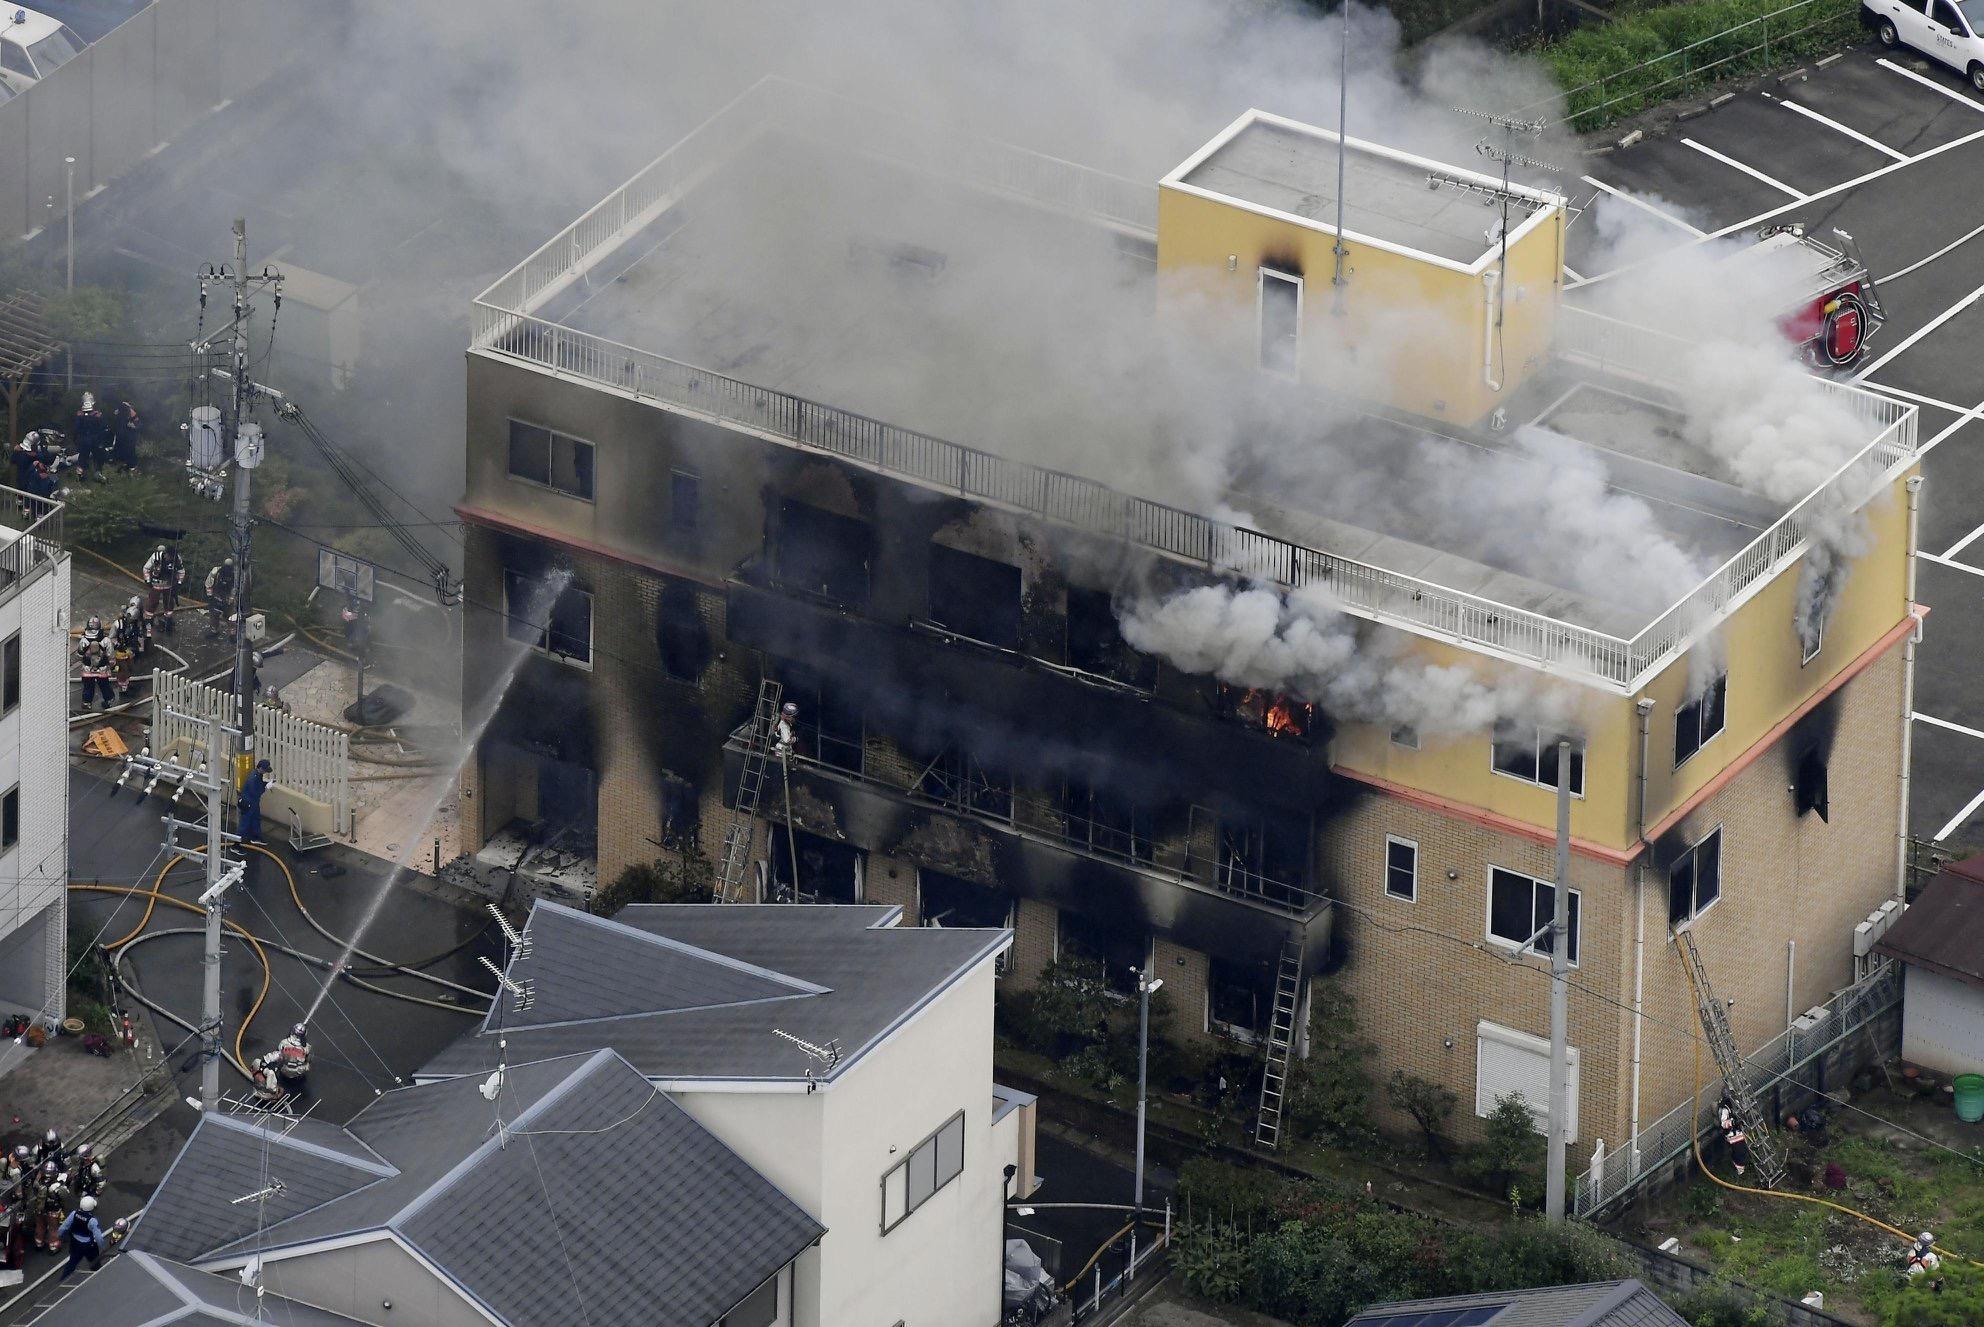 %name Đã có 33 người thiệt mạng trong vụ hoả hoạn tại trụ sở của Kyoto Animation